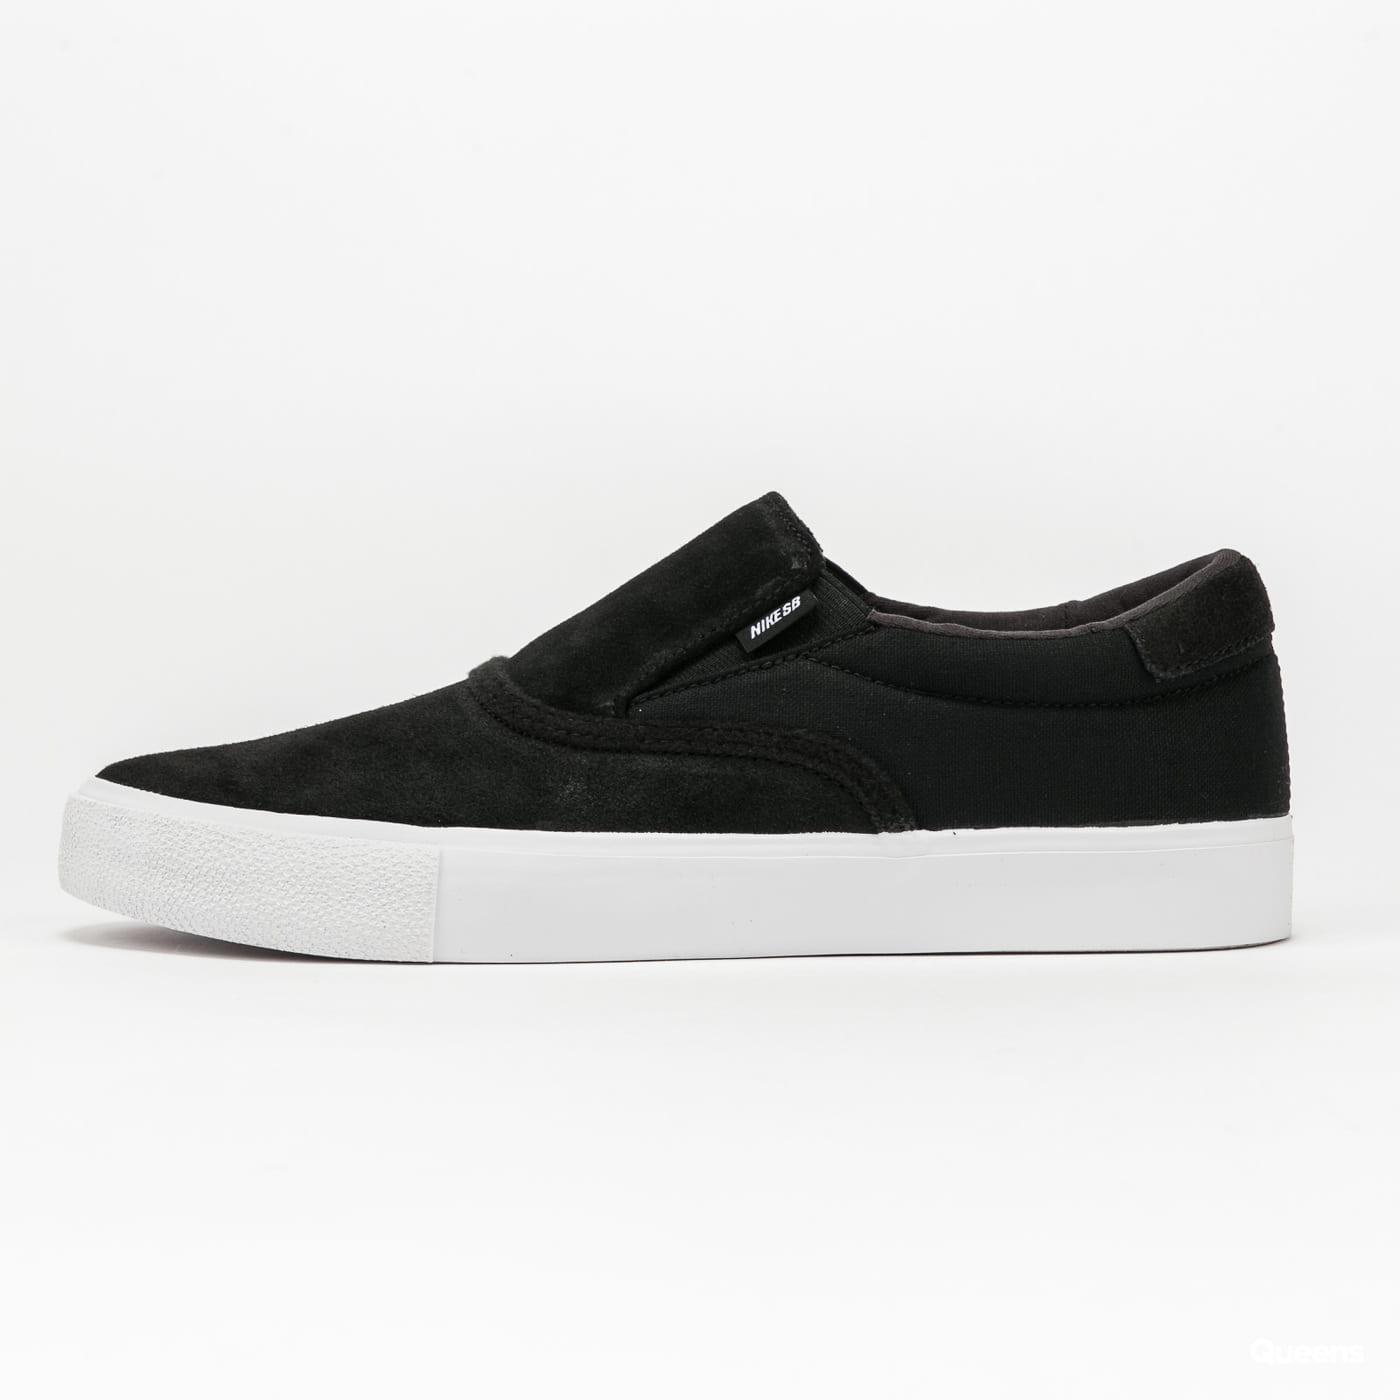 Nike SB Zoom Verona Slip black / white - black